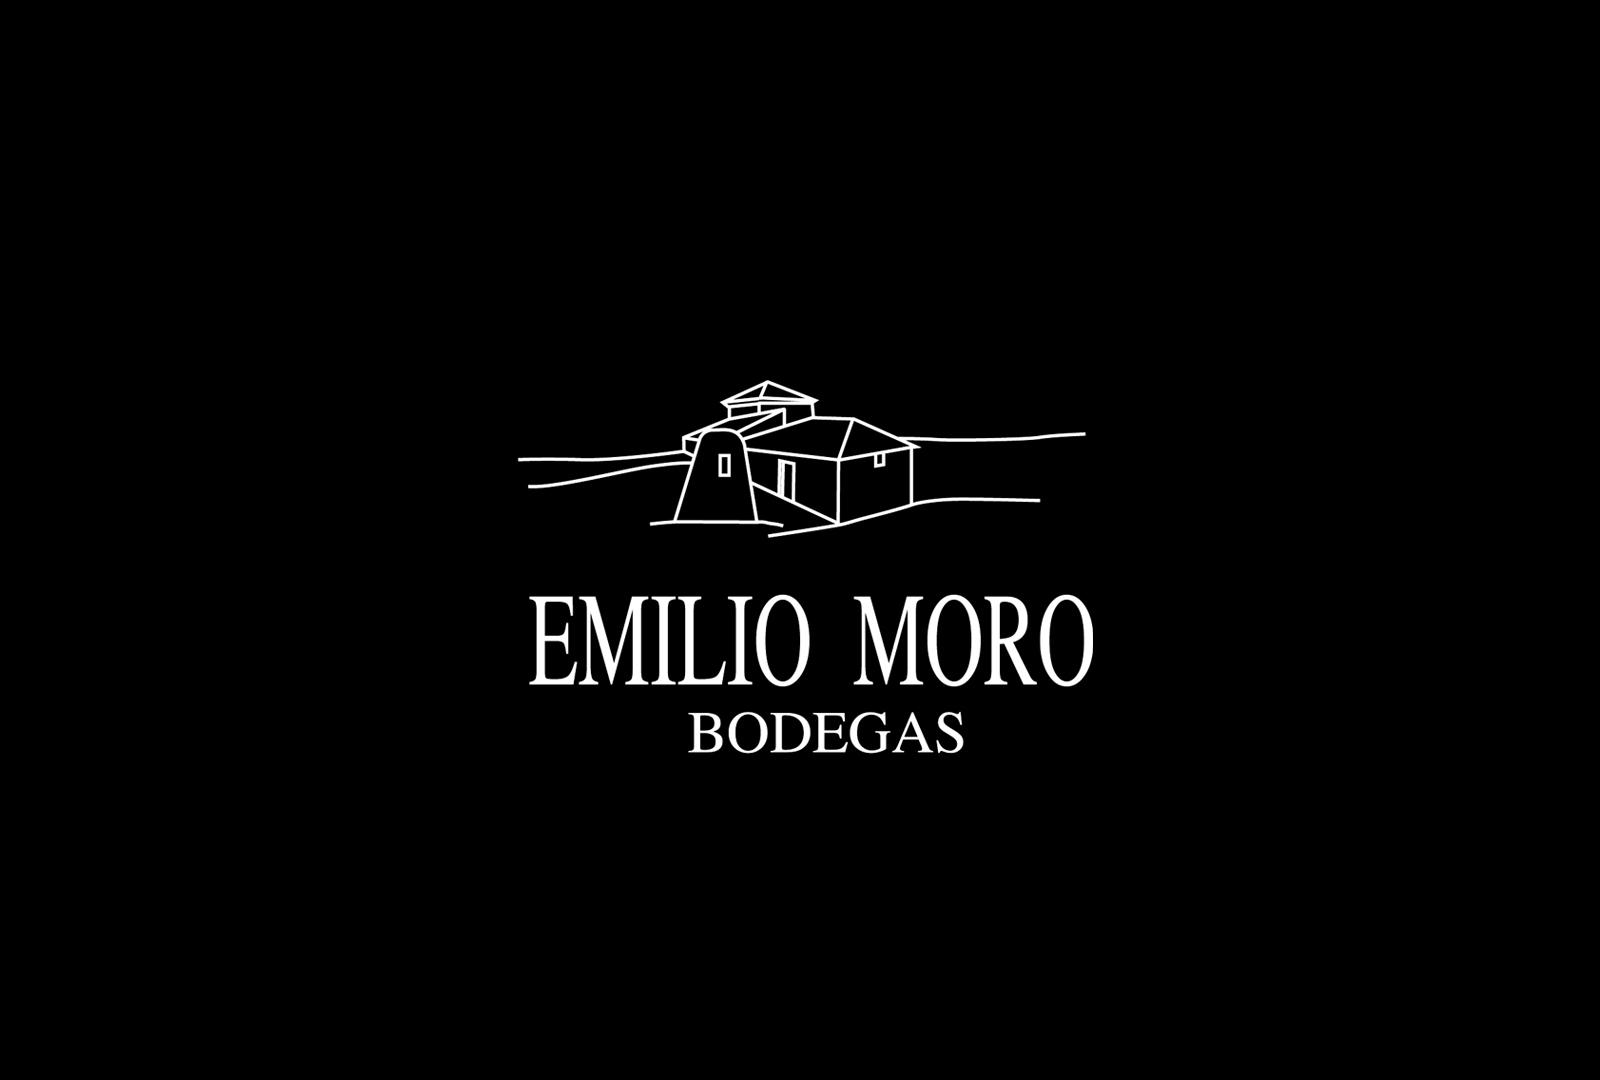 #Aporuvas. Concurso de Emilio Moro.